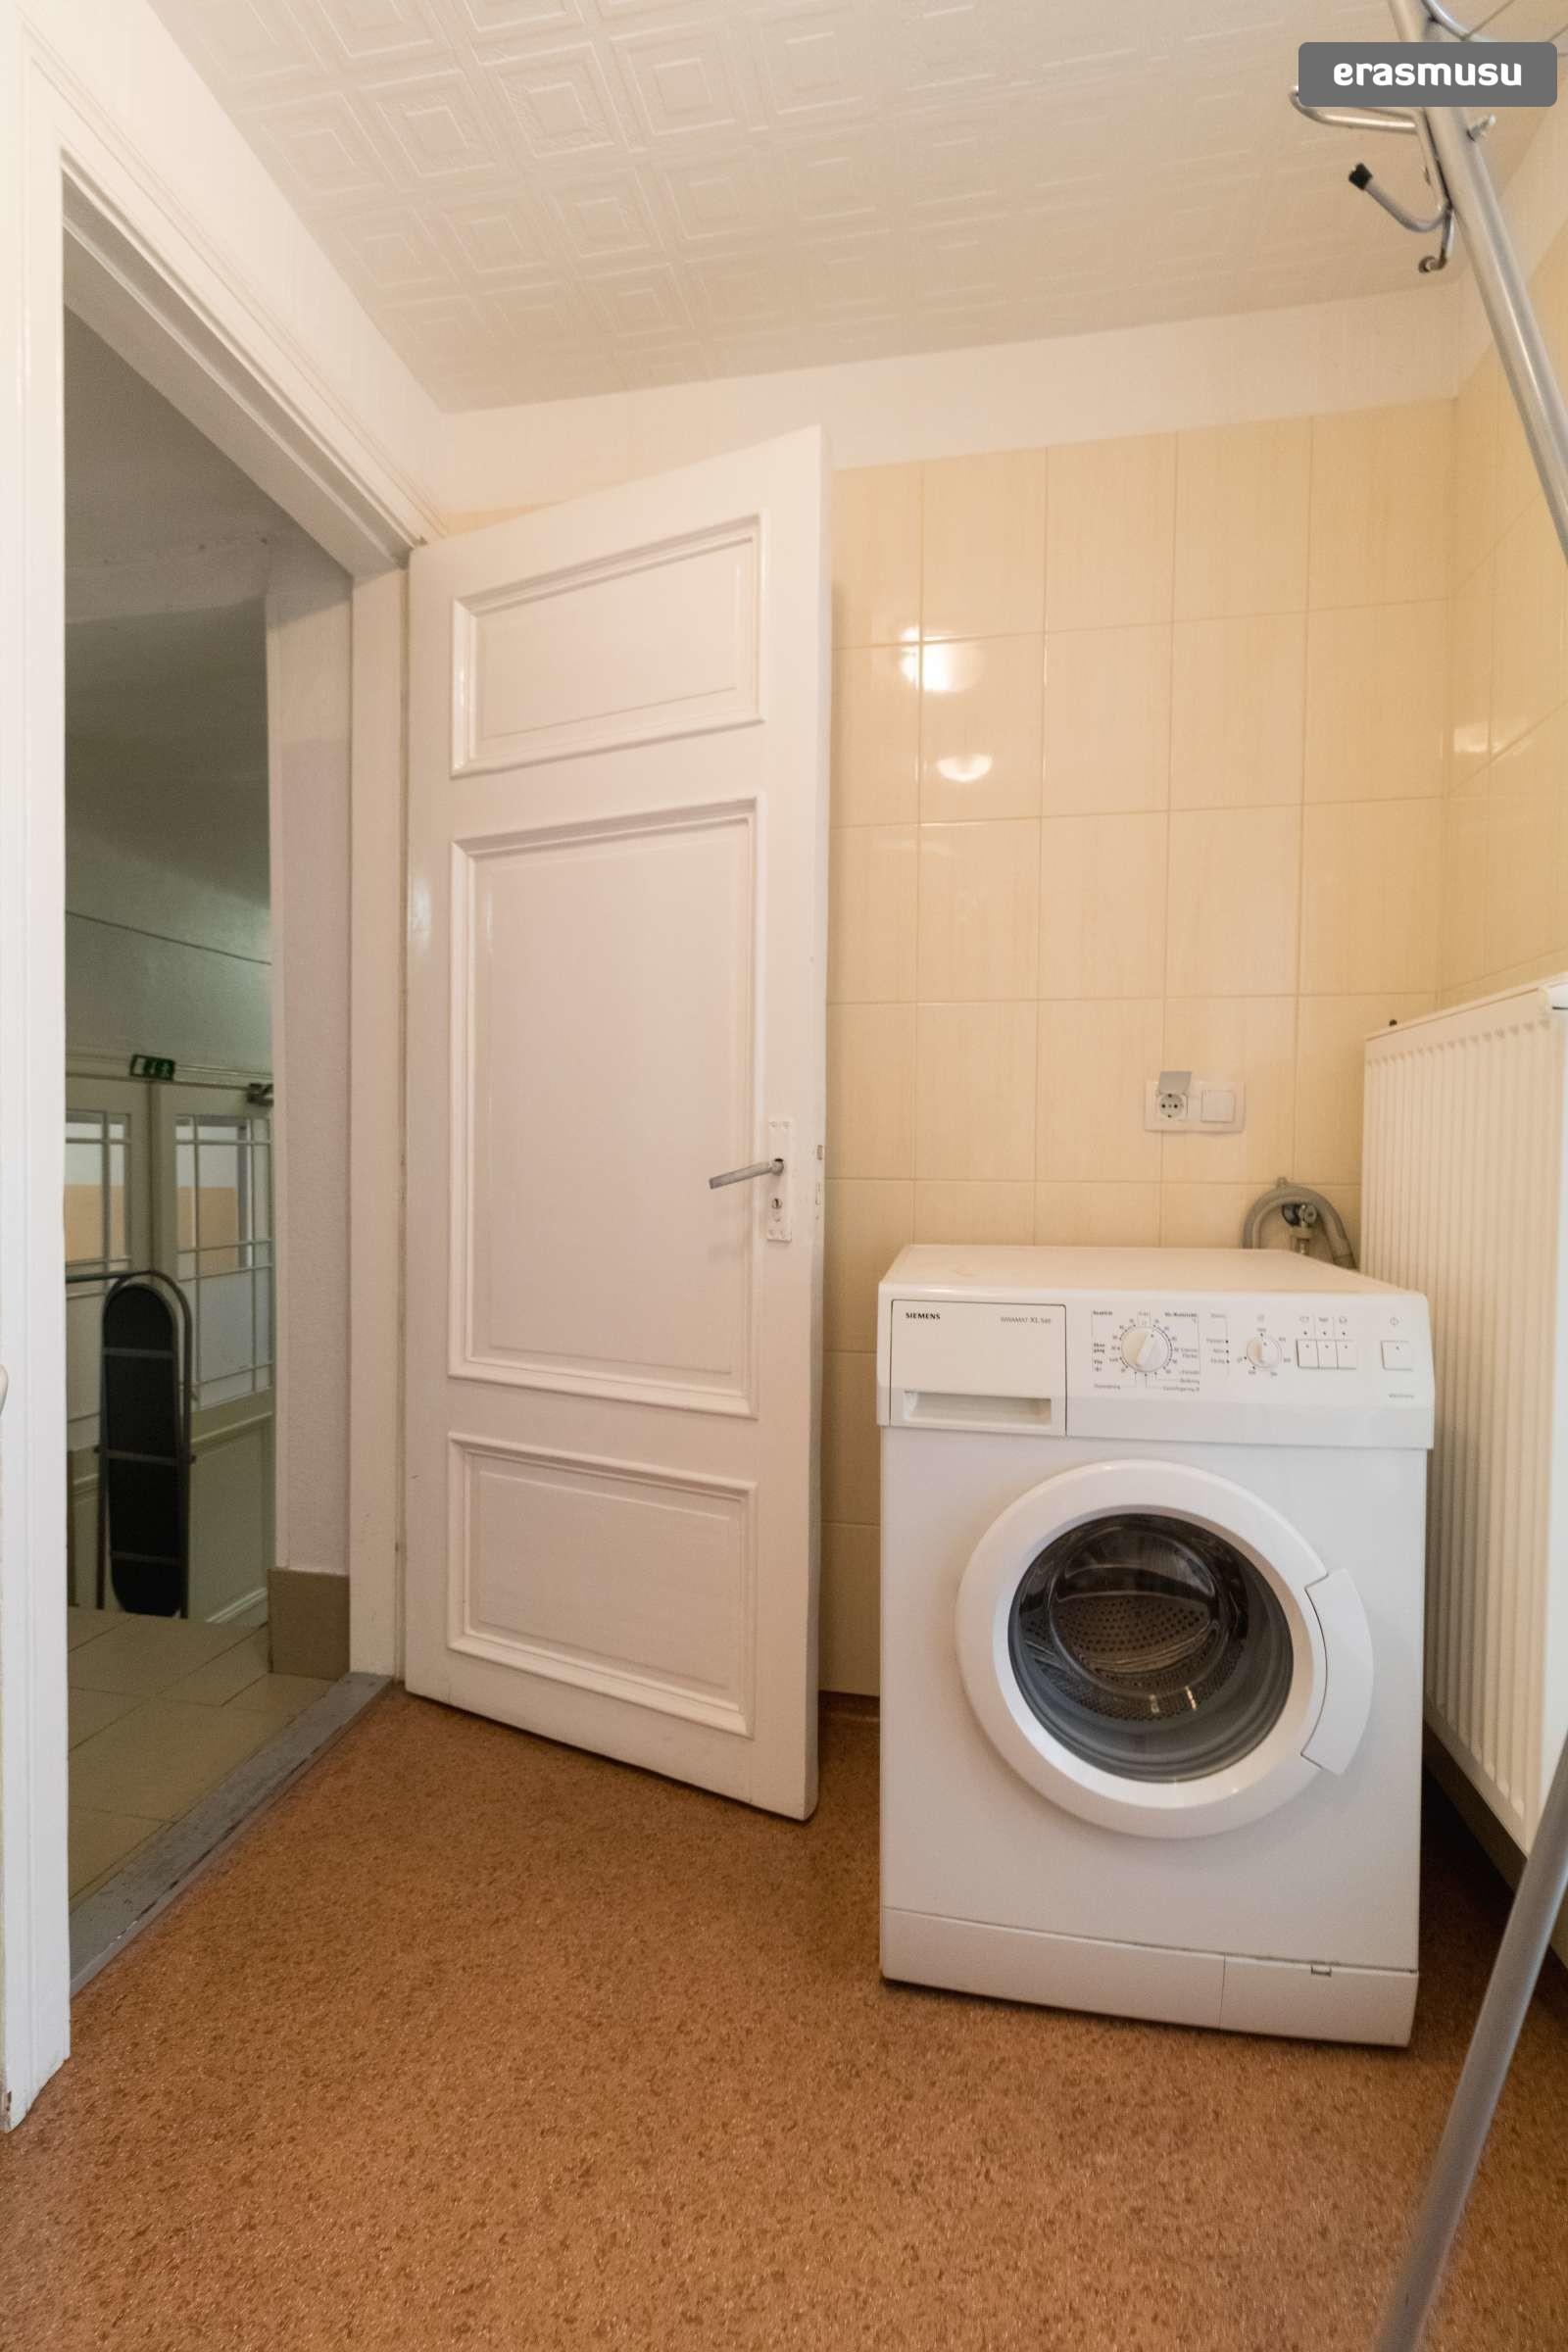 spacious-3-bedroom-apartment-rent-avoti-e50253a4793e46a2cd7edc4b